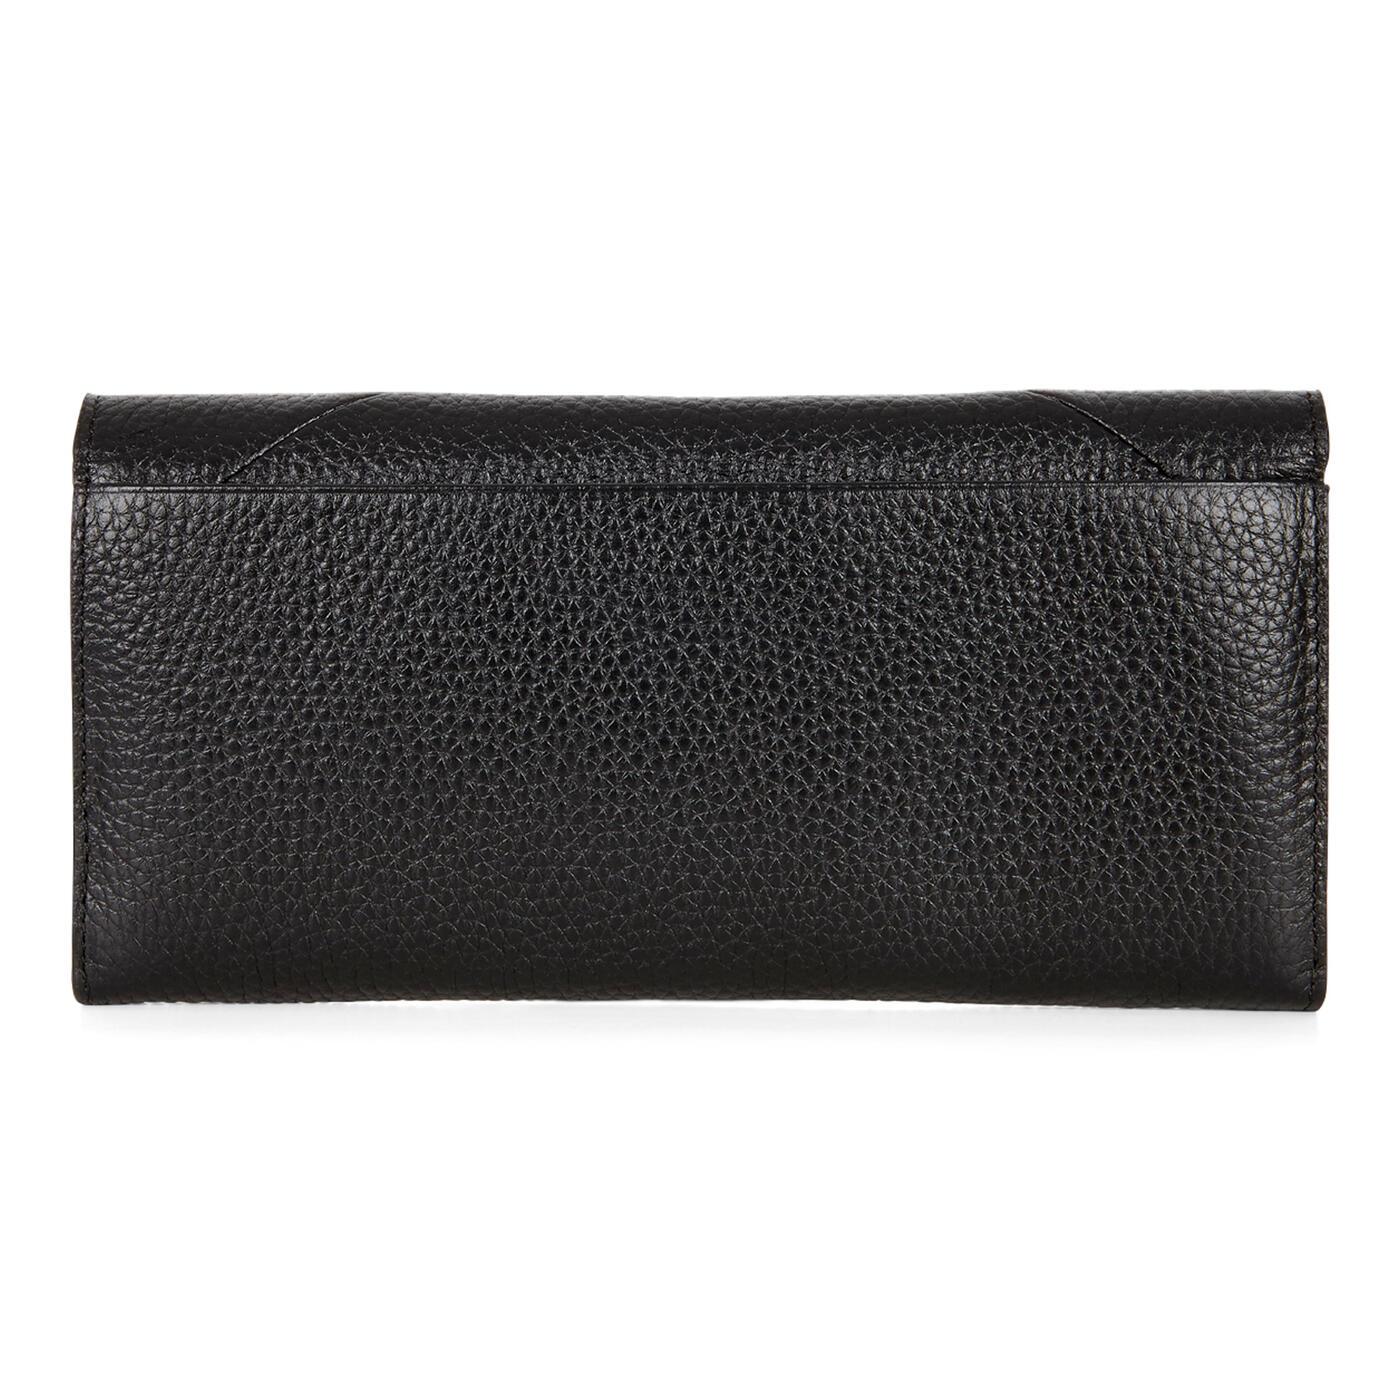 ECCO Linnea Continental Wallet